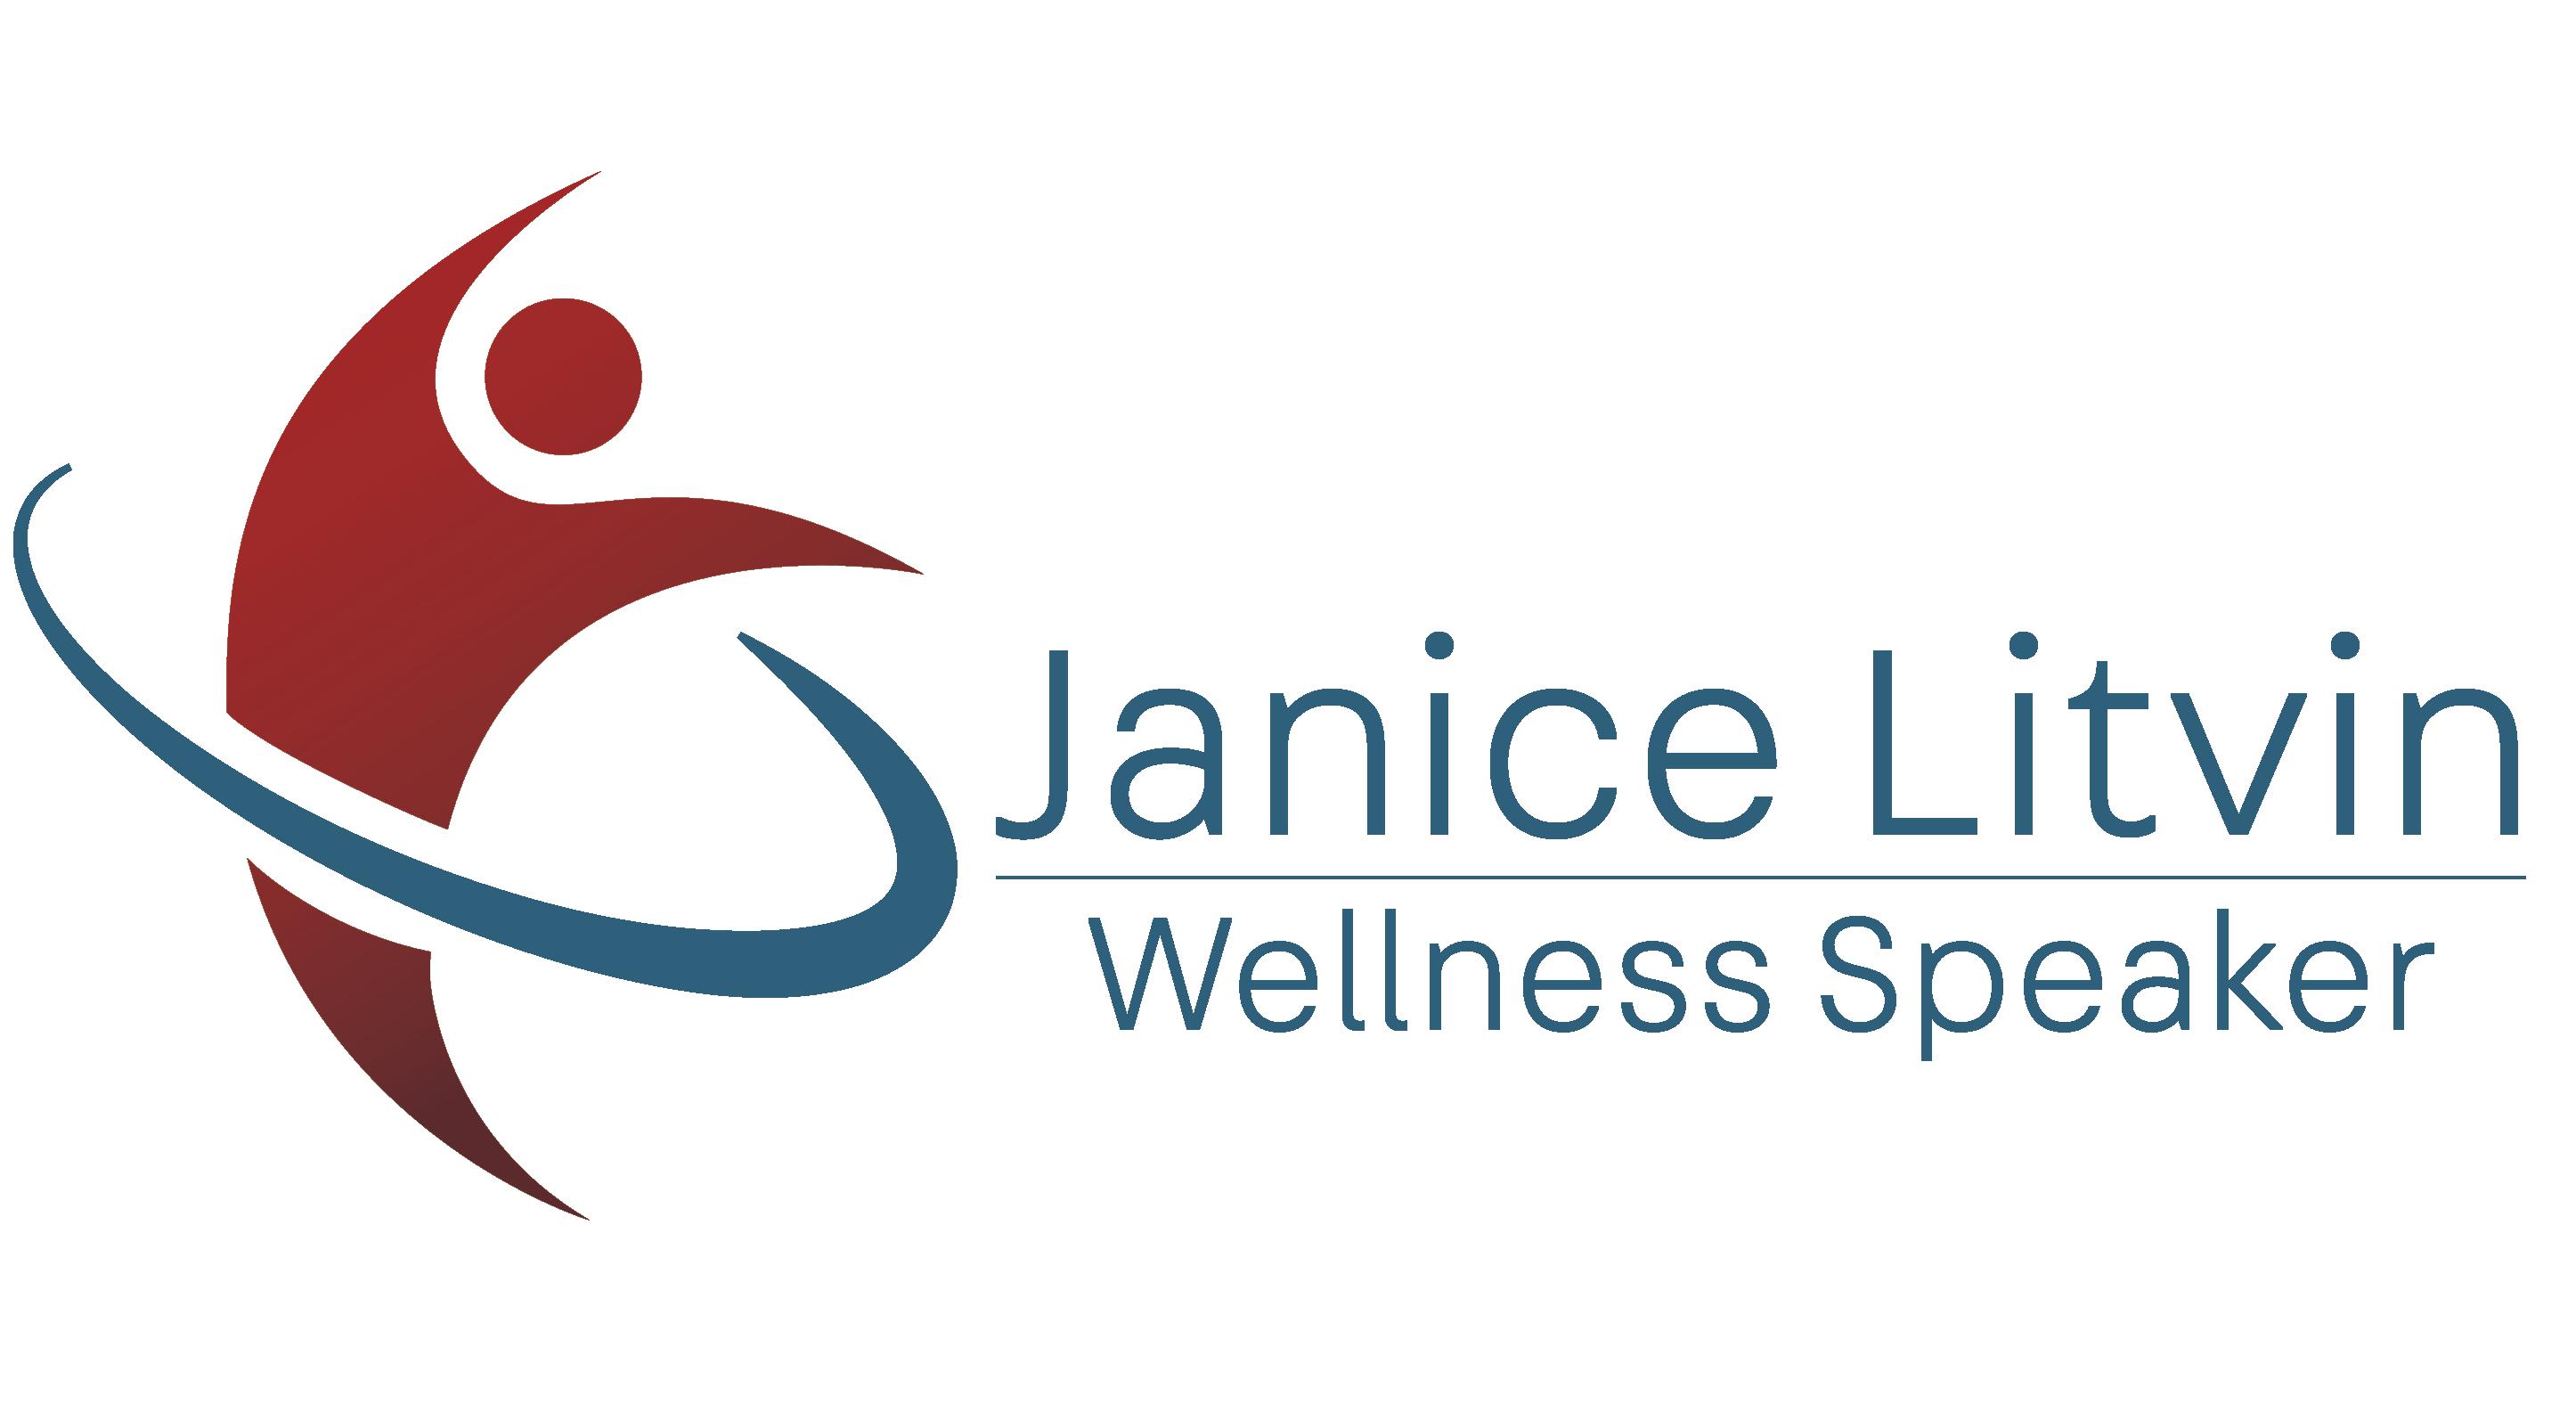 Janice Litvin Wellness Speaker Logo